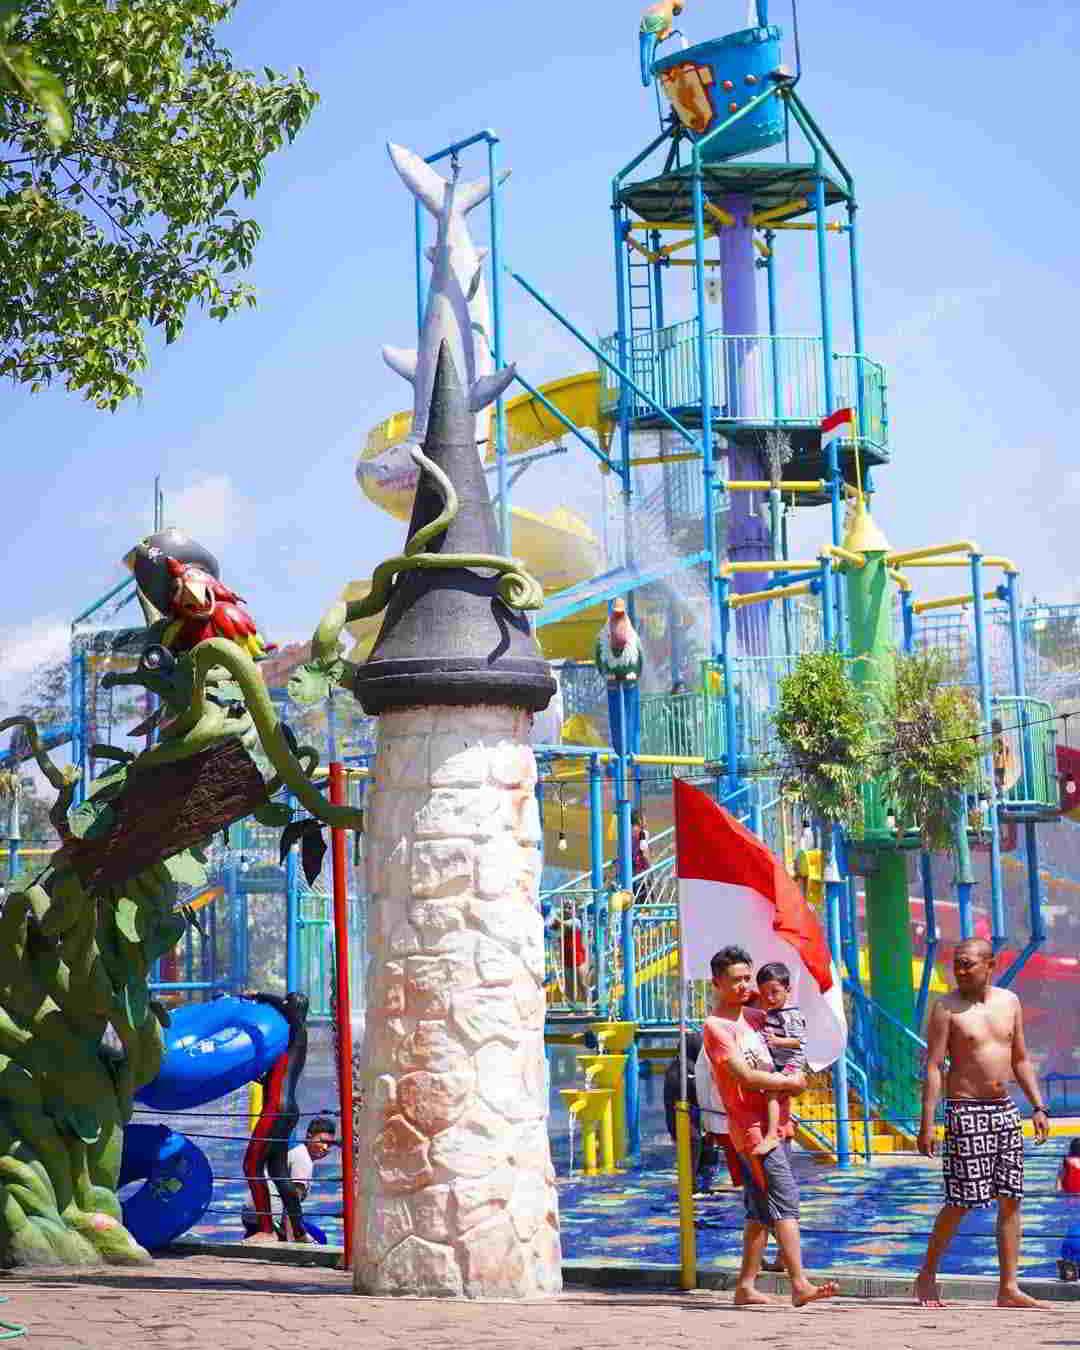 promo-hawai-waterpark-malang